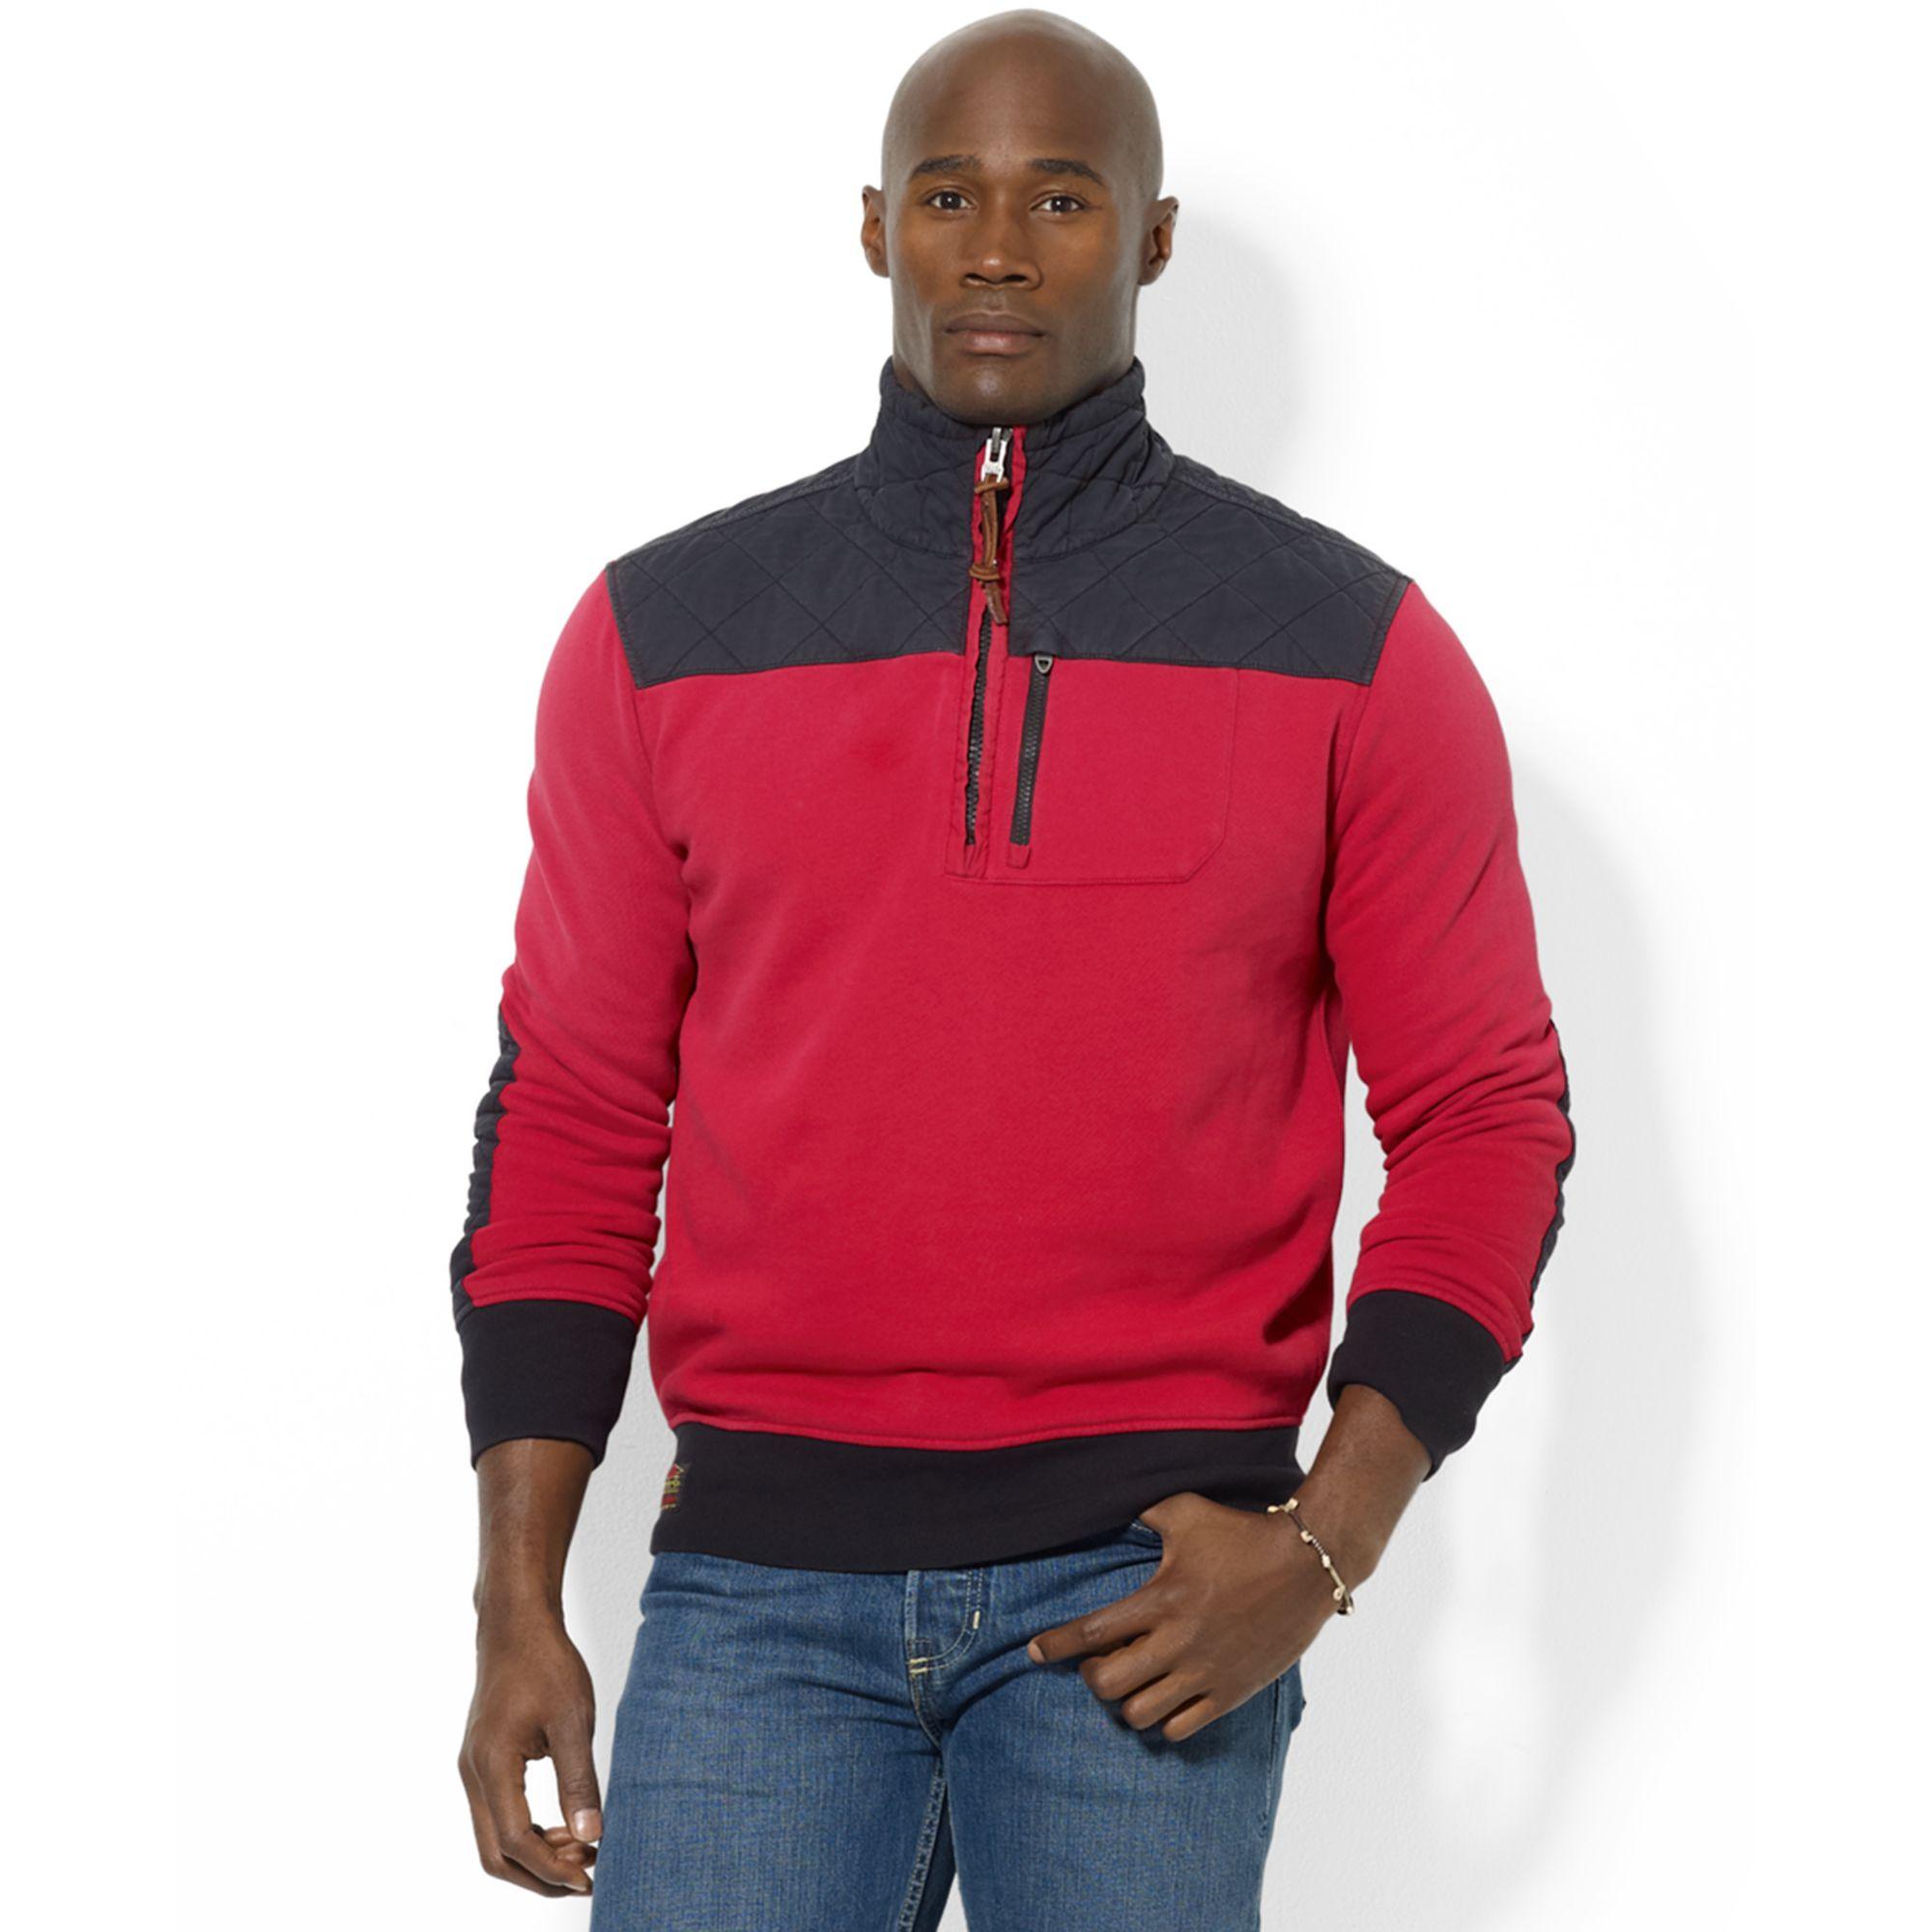 Ralph Lauren Compact Fleece Half Zip Mock Neck Jacket in